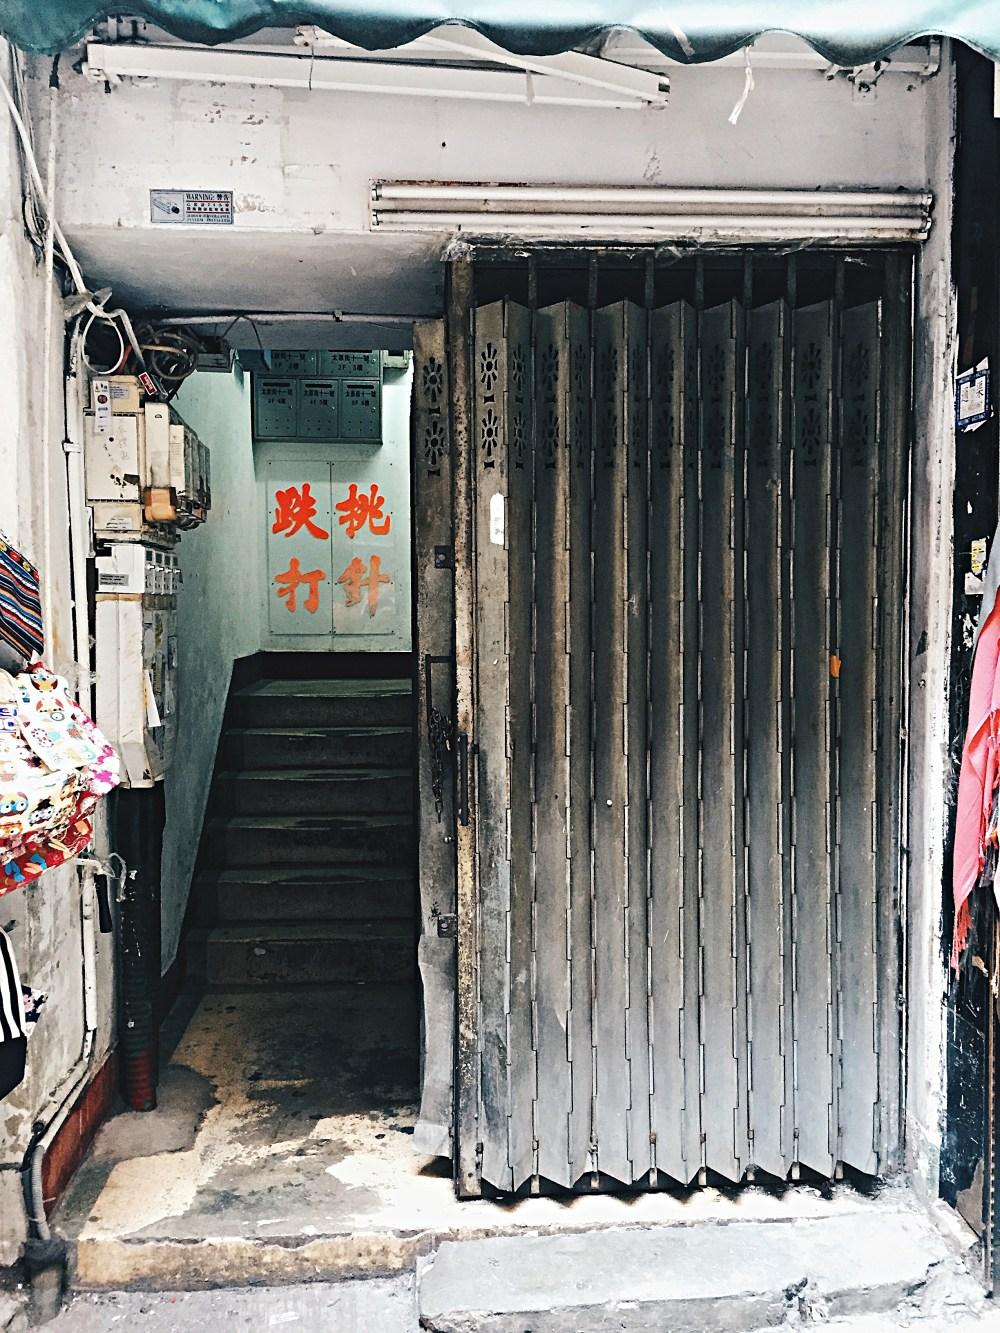 5 Nov 2015: Tai Yuen Street | Wan Chai, Hong Kong